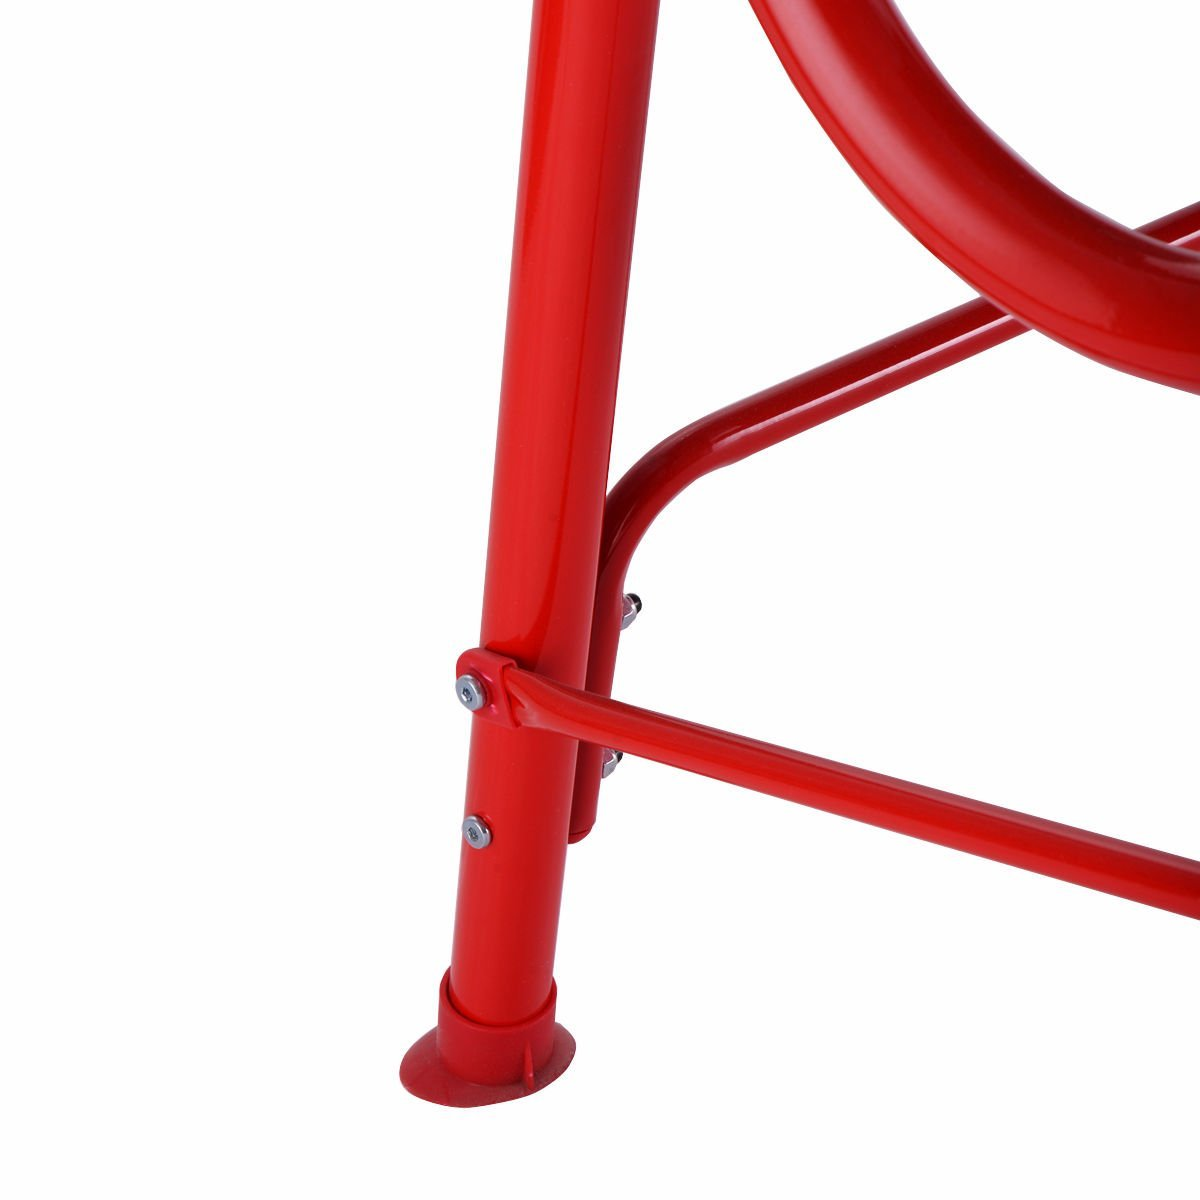 b19ca07ecfa00 ... Detská záhradná hojdačka Ladybird - červená